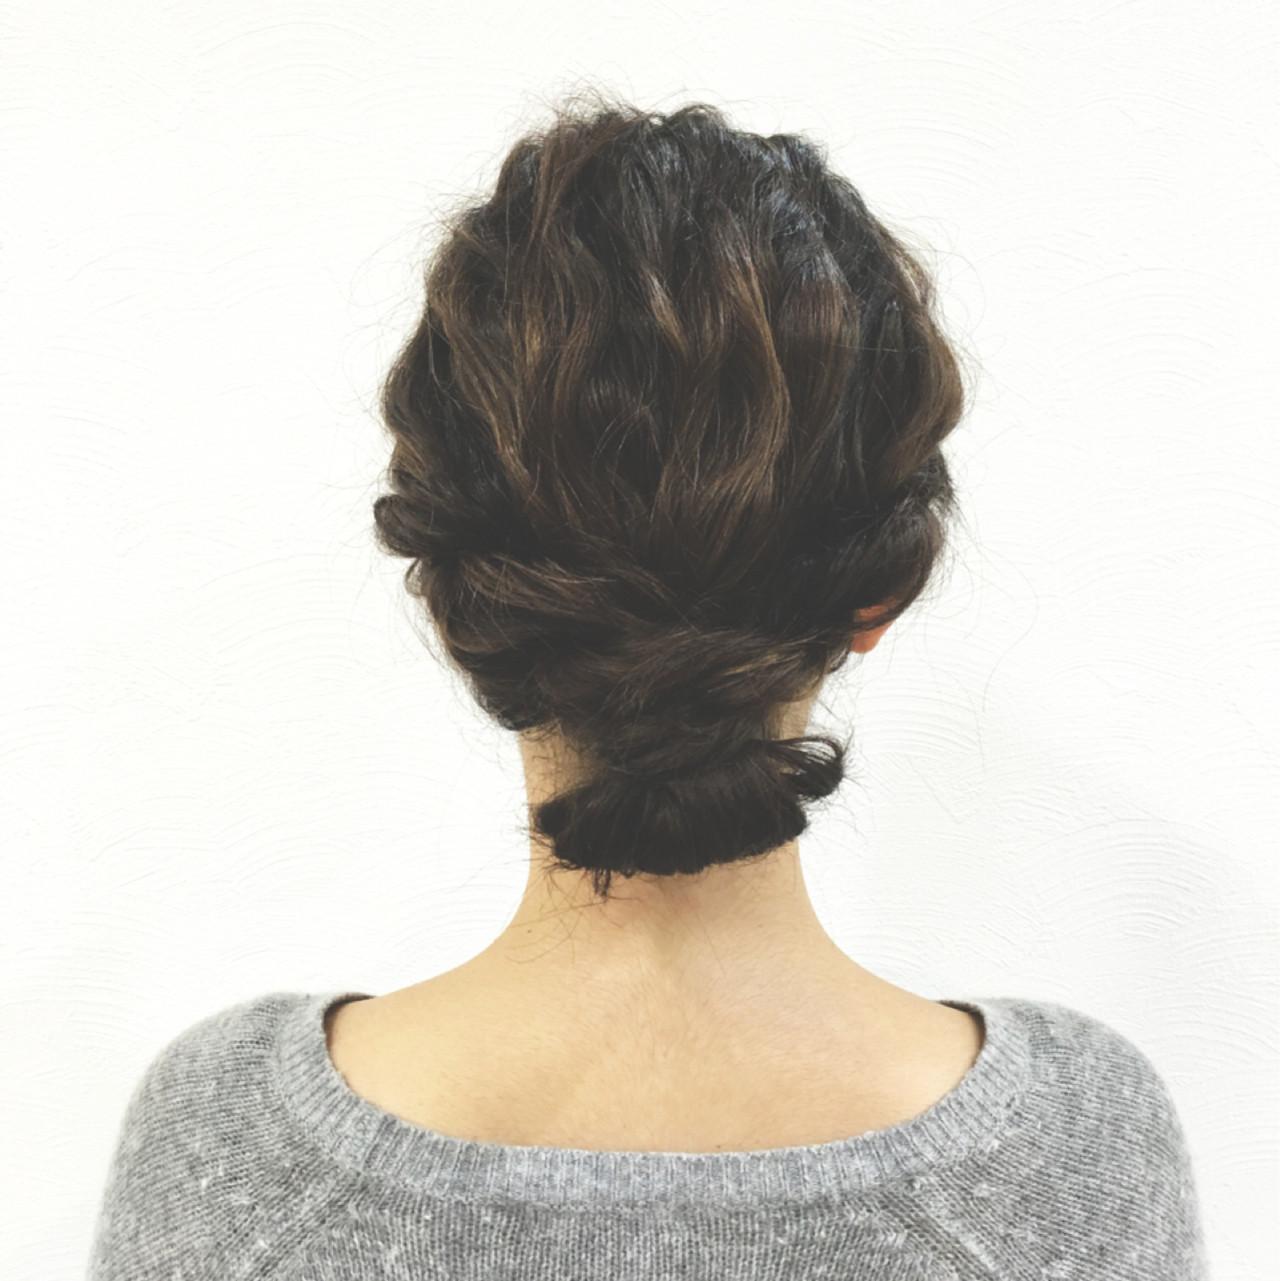 ロープ編み ボブ 簡単ヘアアレンジ ローポニーテール ヘアスタイルや髪型の写真・画像